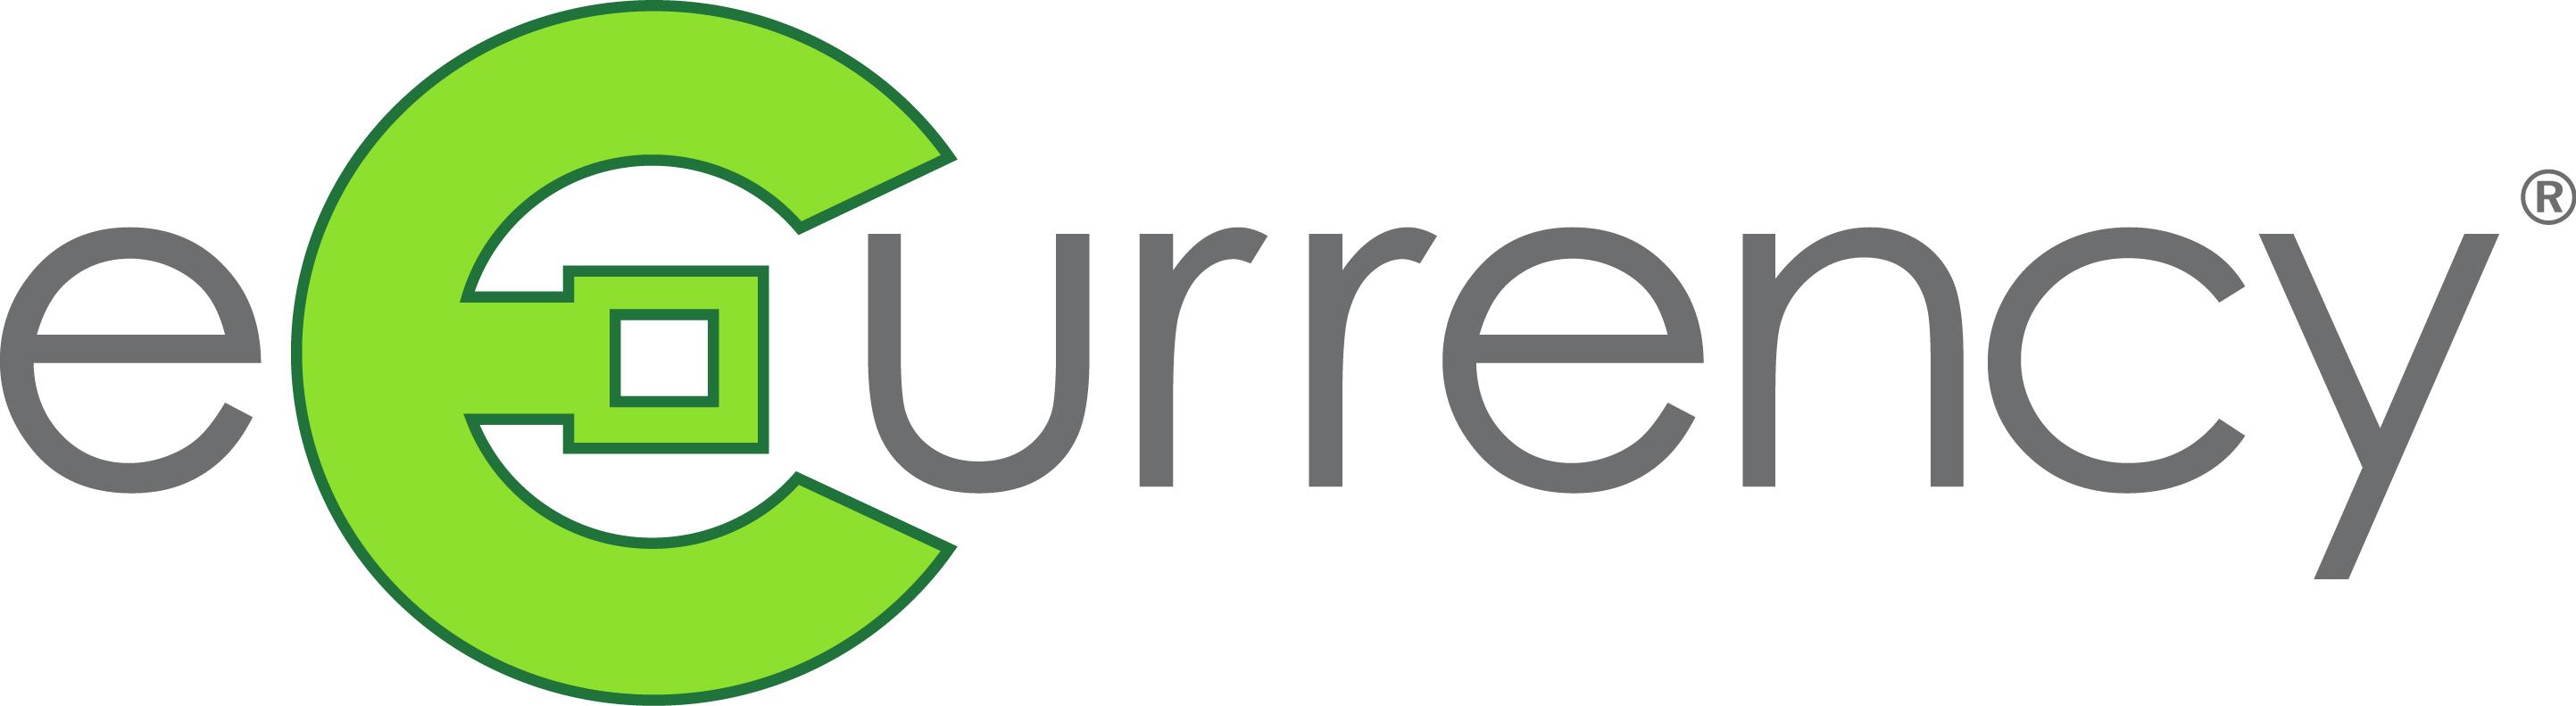 Thomas Kudrycki's logo